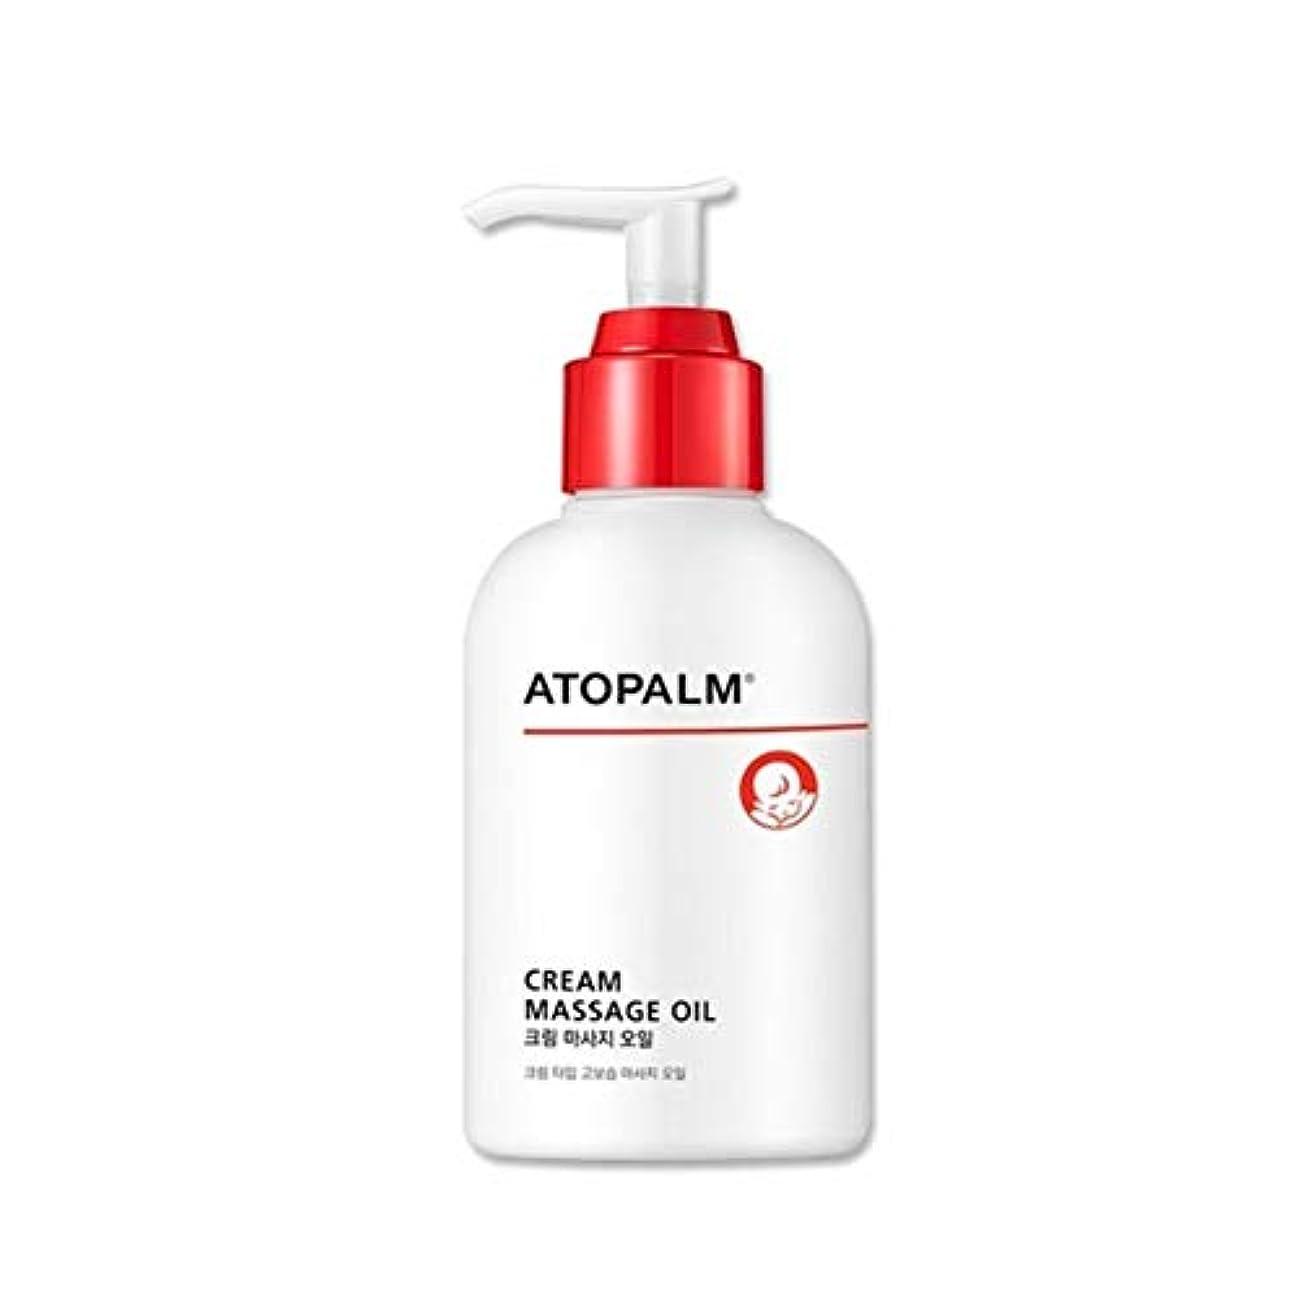 ありそう粗い起きてアトパムクリームマッサージオイル200ml韓国コスメ、Atopalm Cream Massage Oil 200ml Korean Cosmetics [並行輸入品]